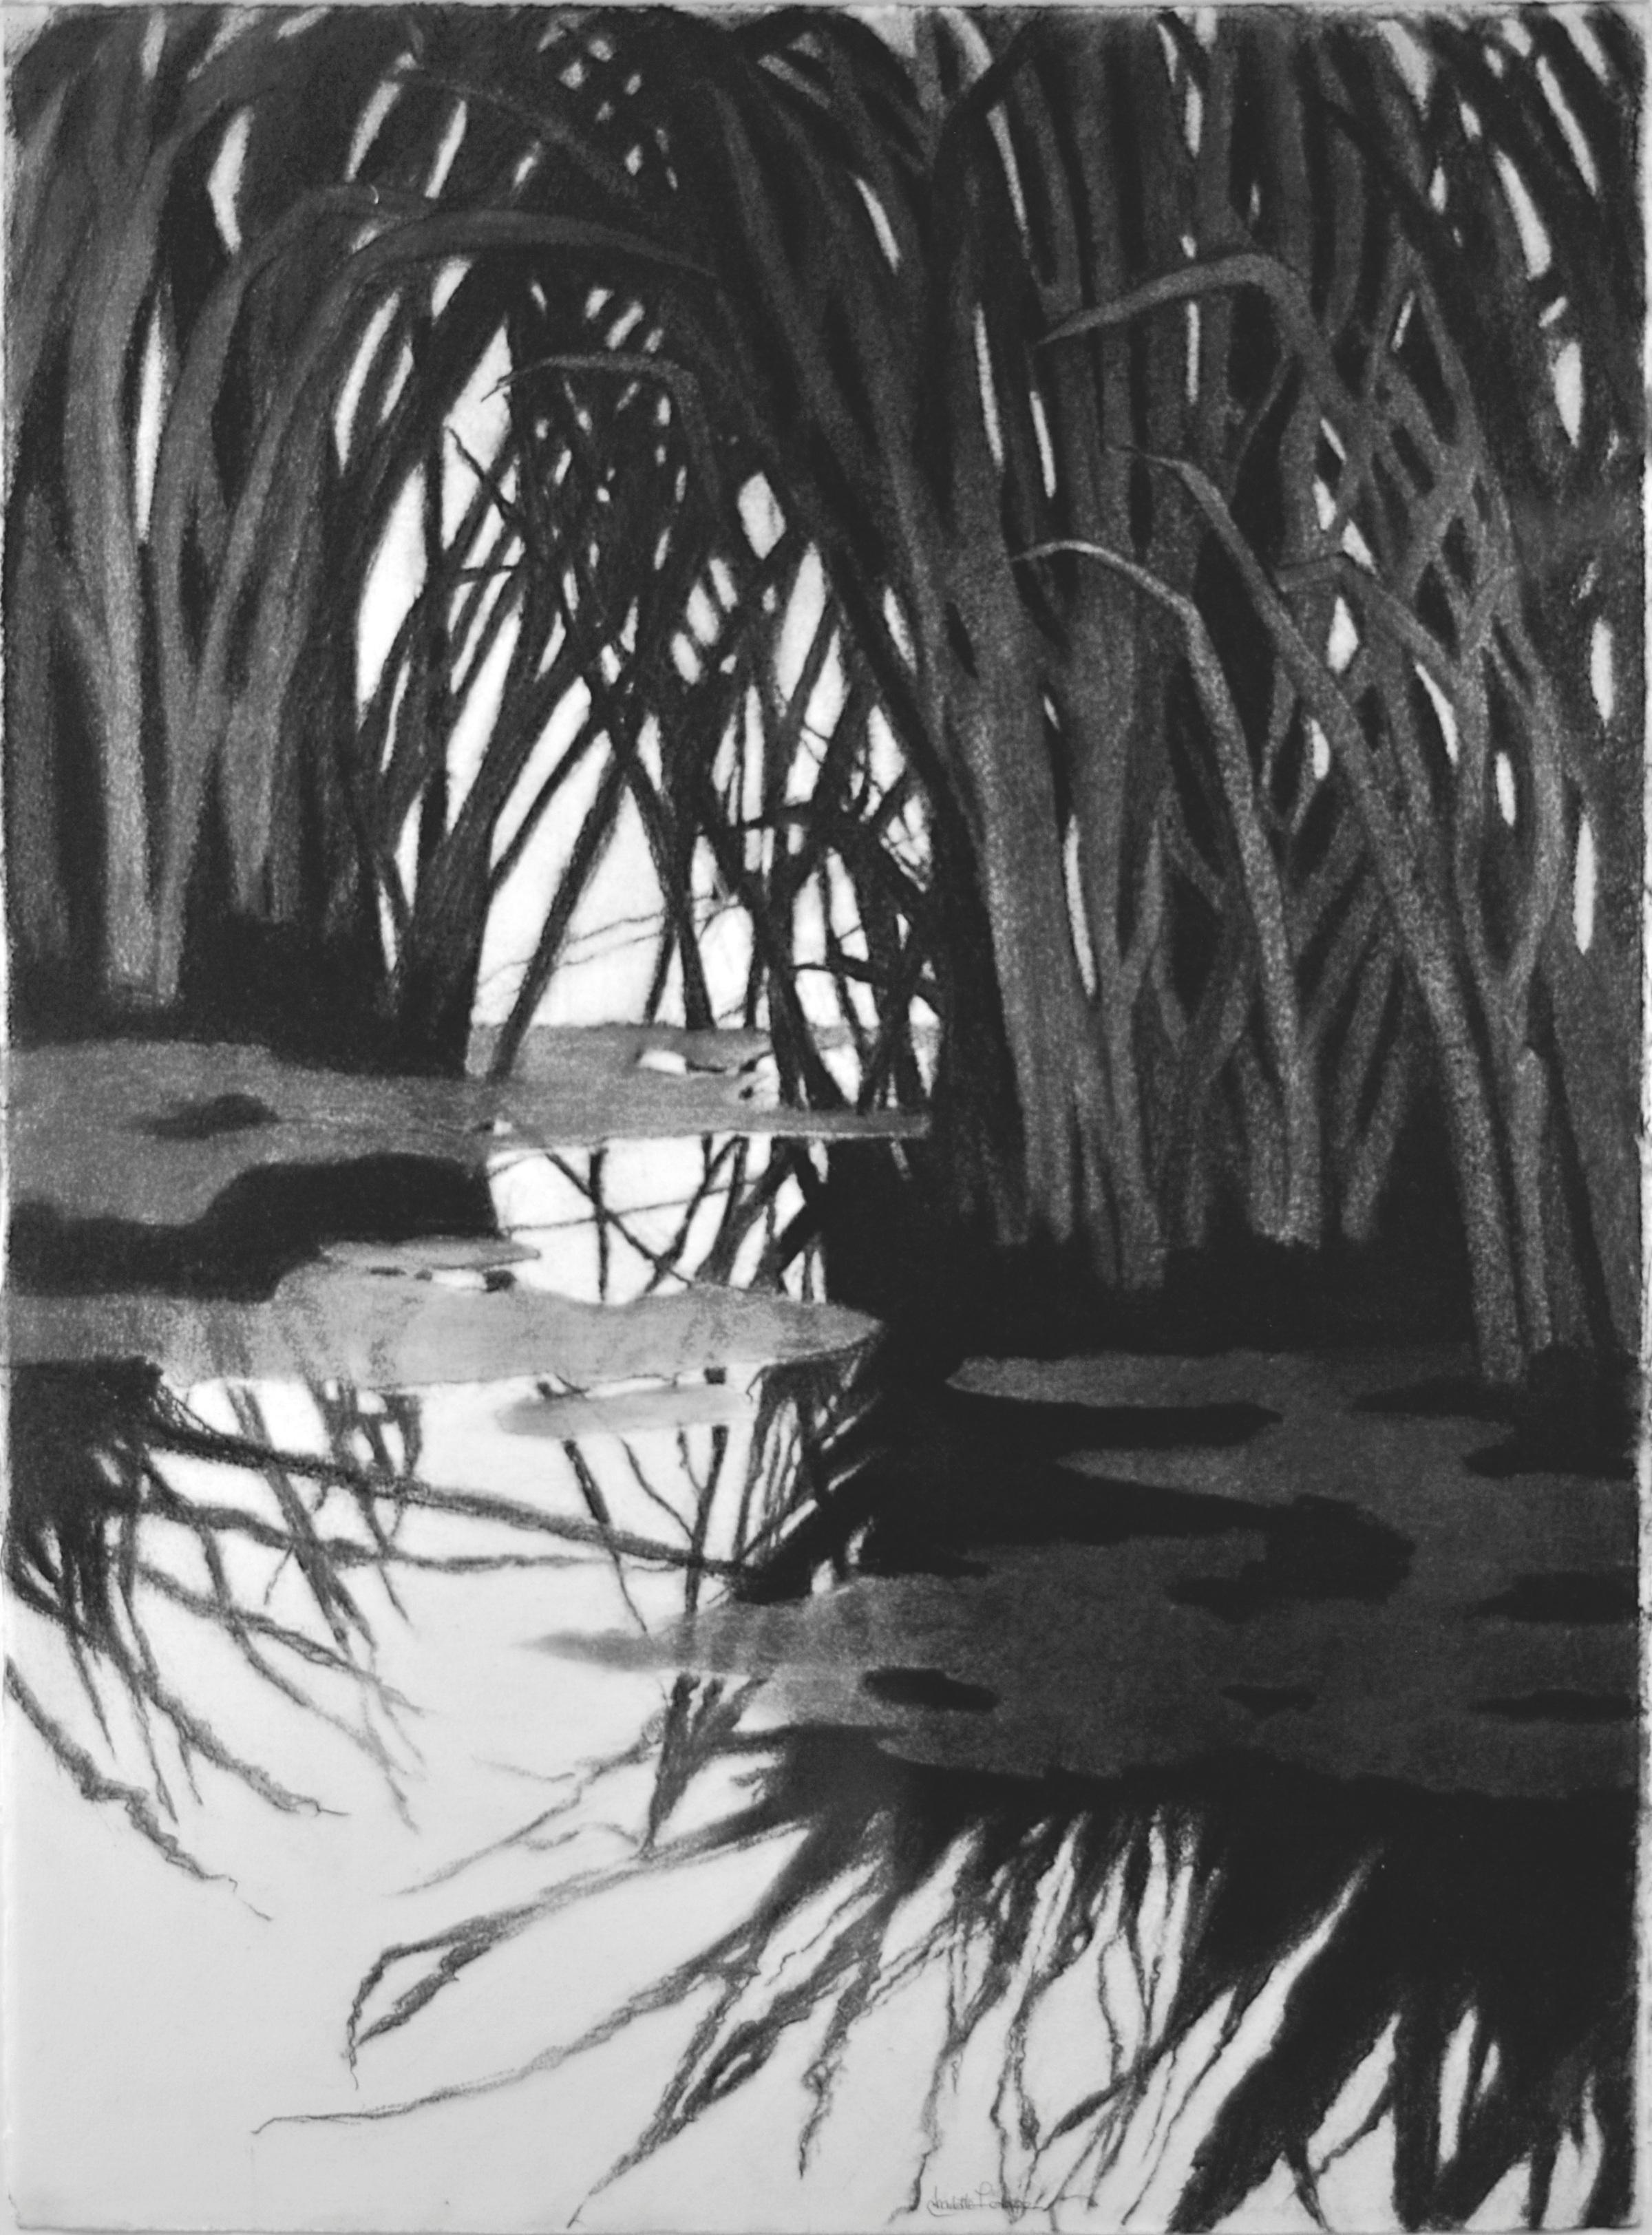 Tinnicum Marsh